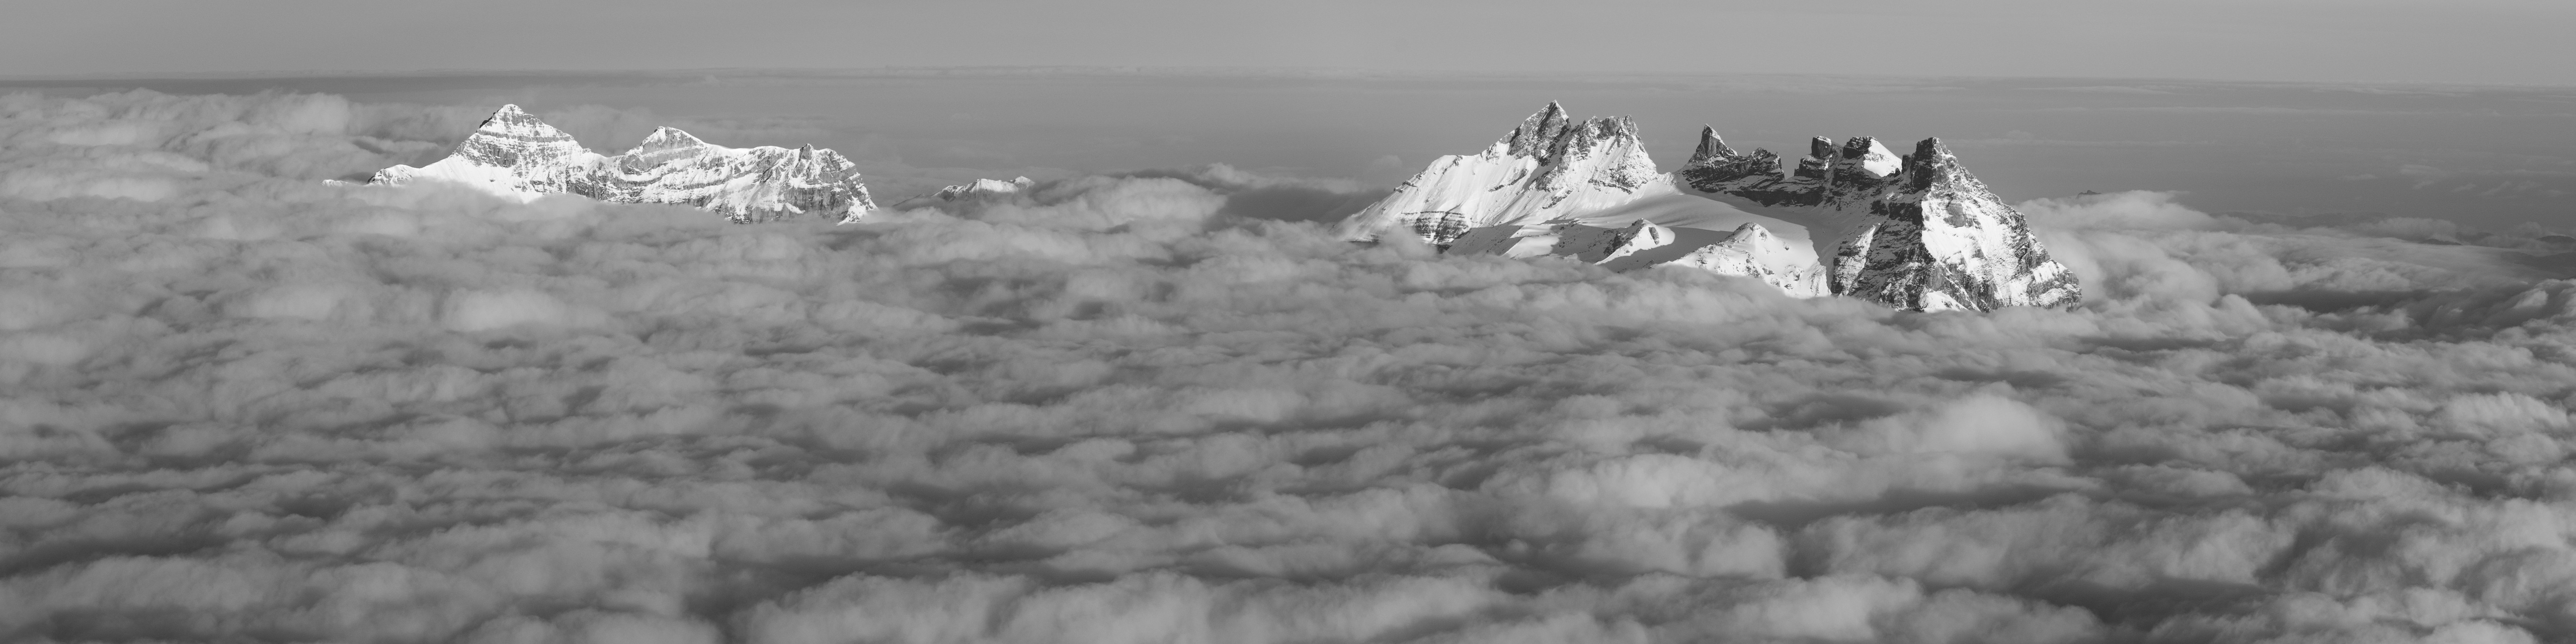 image de montagne : Panorama de montagne - Les Dents du Midi et la Tour Sallière dans une mer de nuages